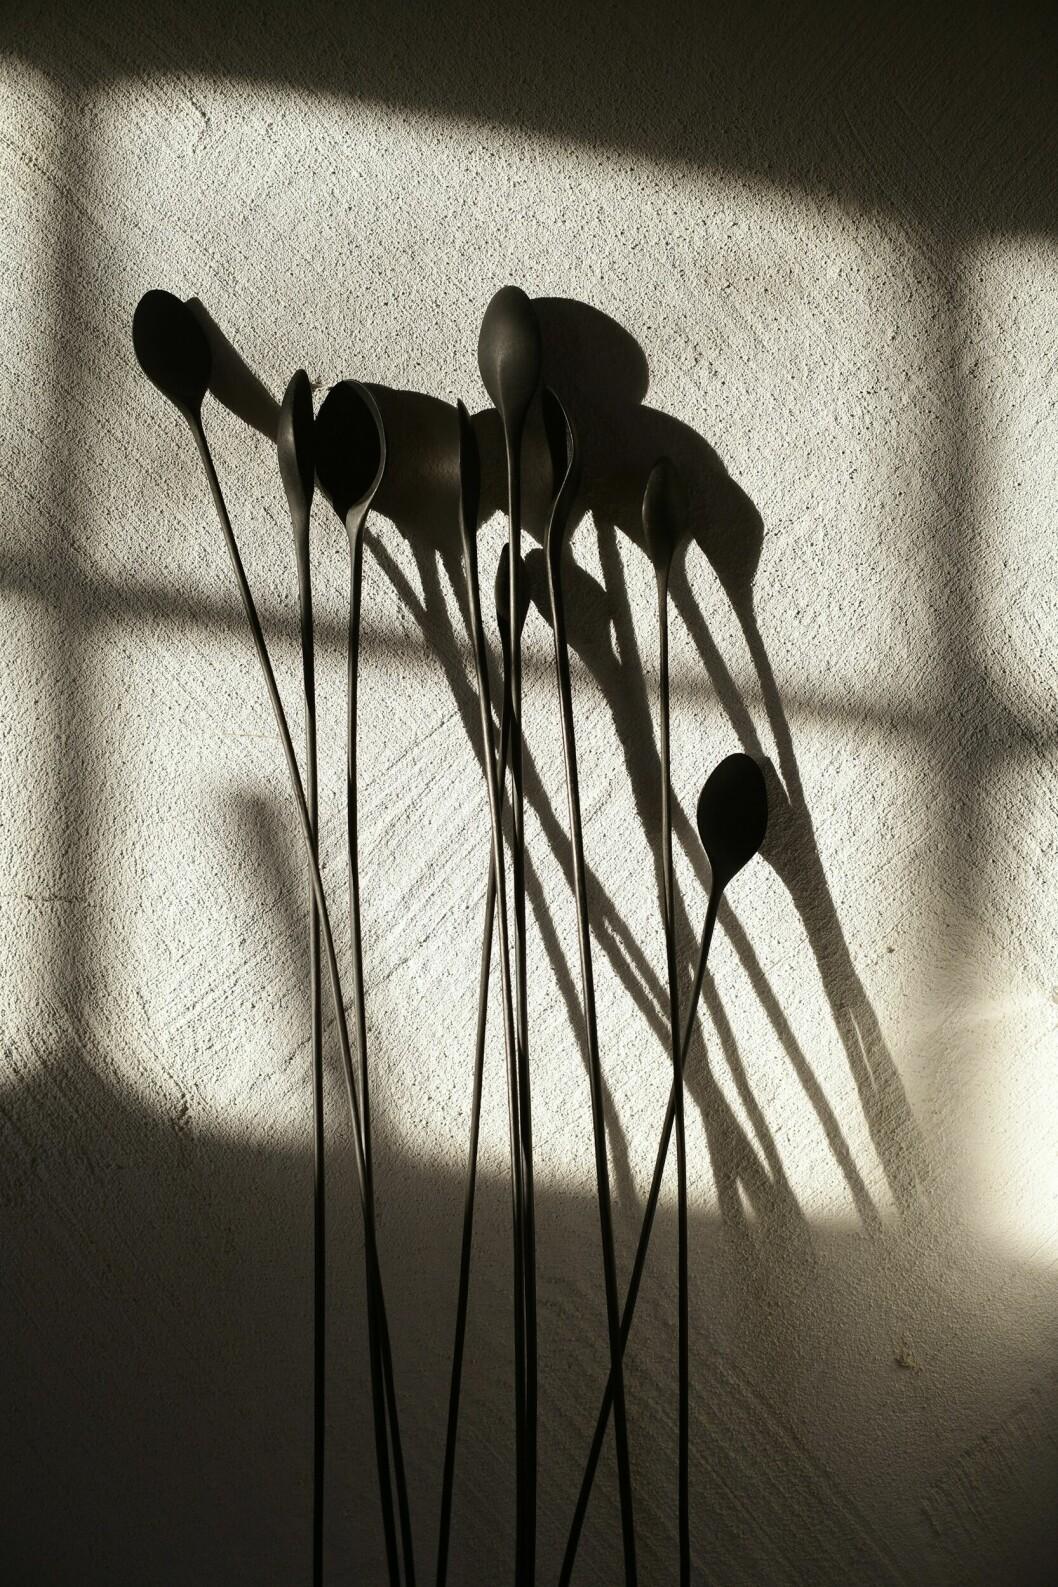 Daniels kända skedskulpturer.